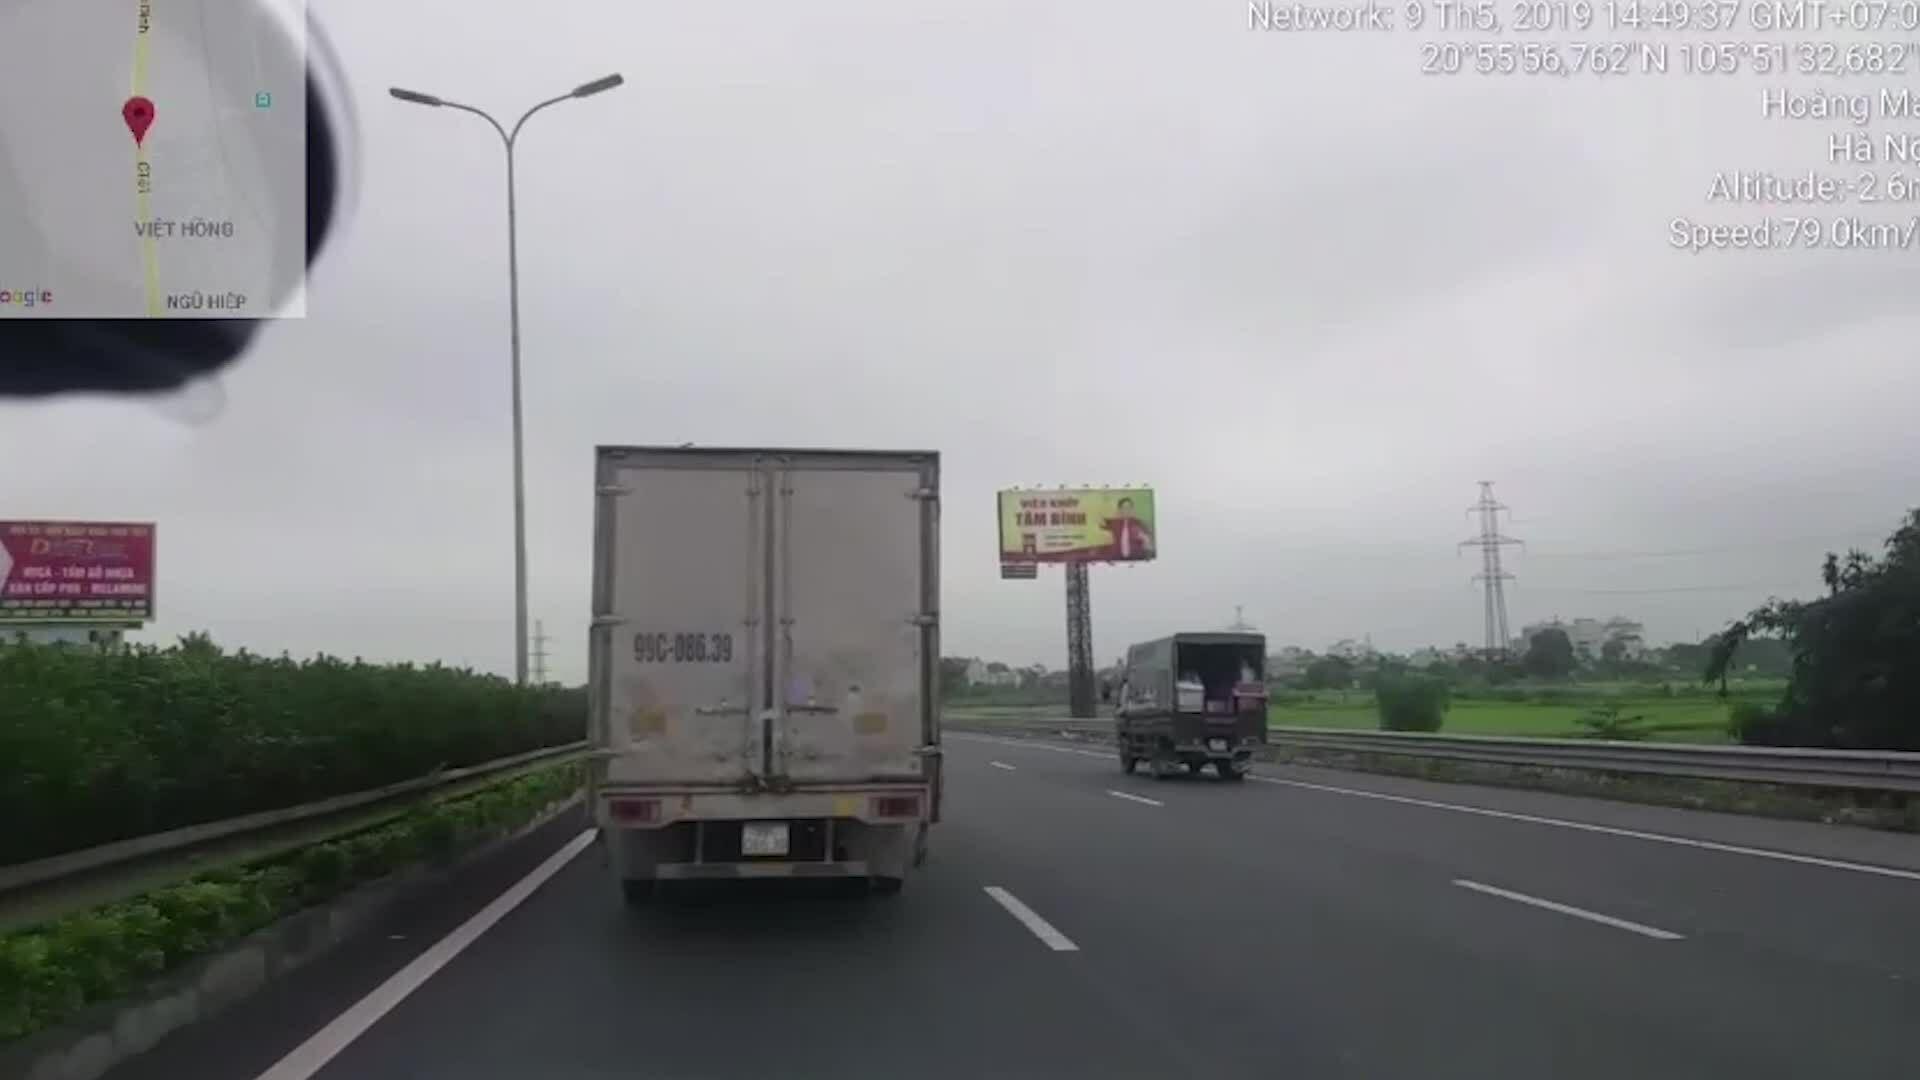 'Phớt lờ' tín hiệu xe ưu tiên trên cao tốc, tài xế xe tải bị phạt 2,5 triệu đồng